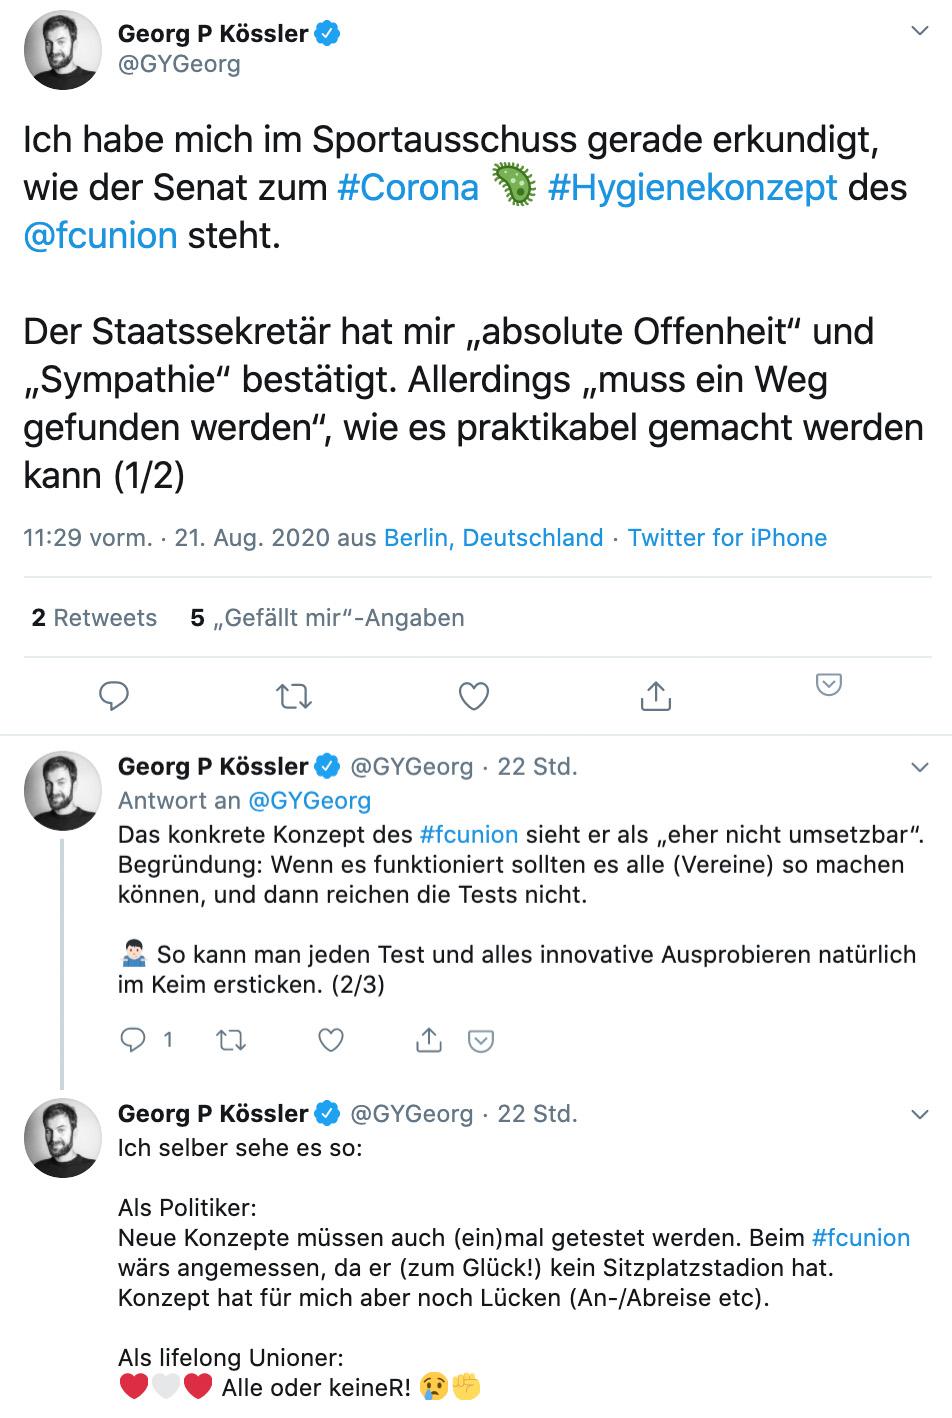 Thread von Georg Kössler (Abgeordneter im Berliner Parlament für Bündnis 90/Die Grünen) zum Testkonzept von Union, Quelle: Twitter